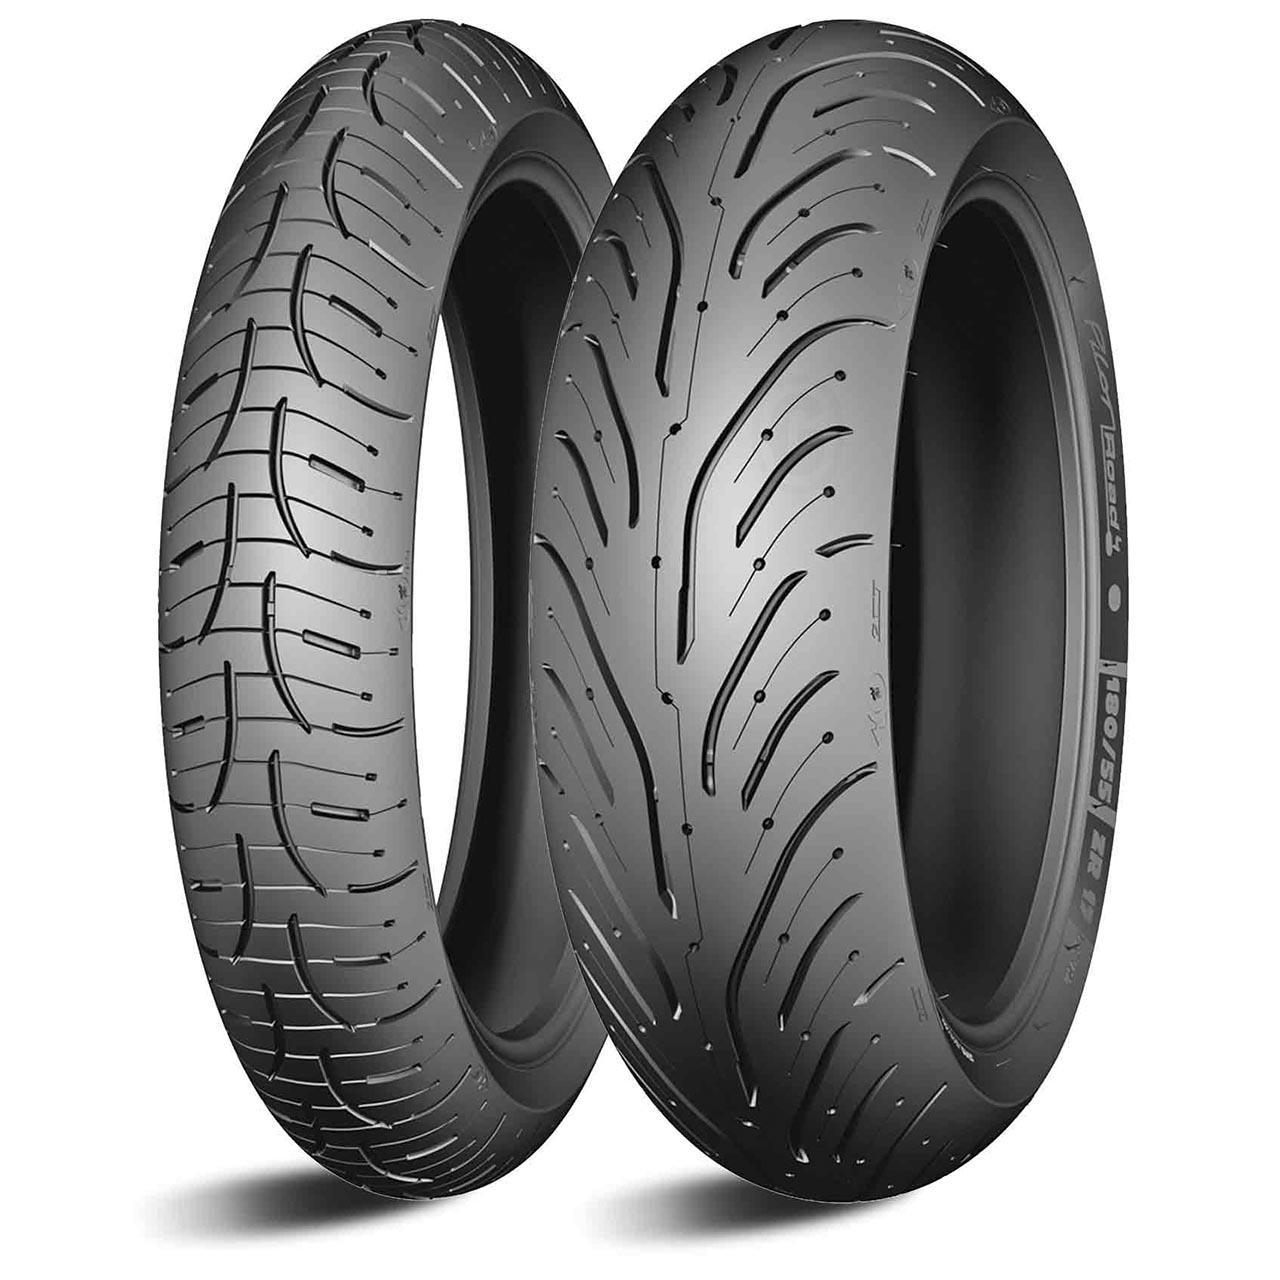 Michelin Pilot Road 4 R 180/55ZR17 M/C (73W) TL